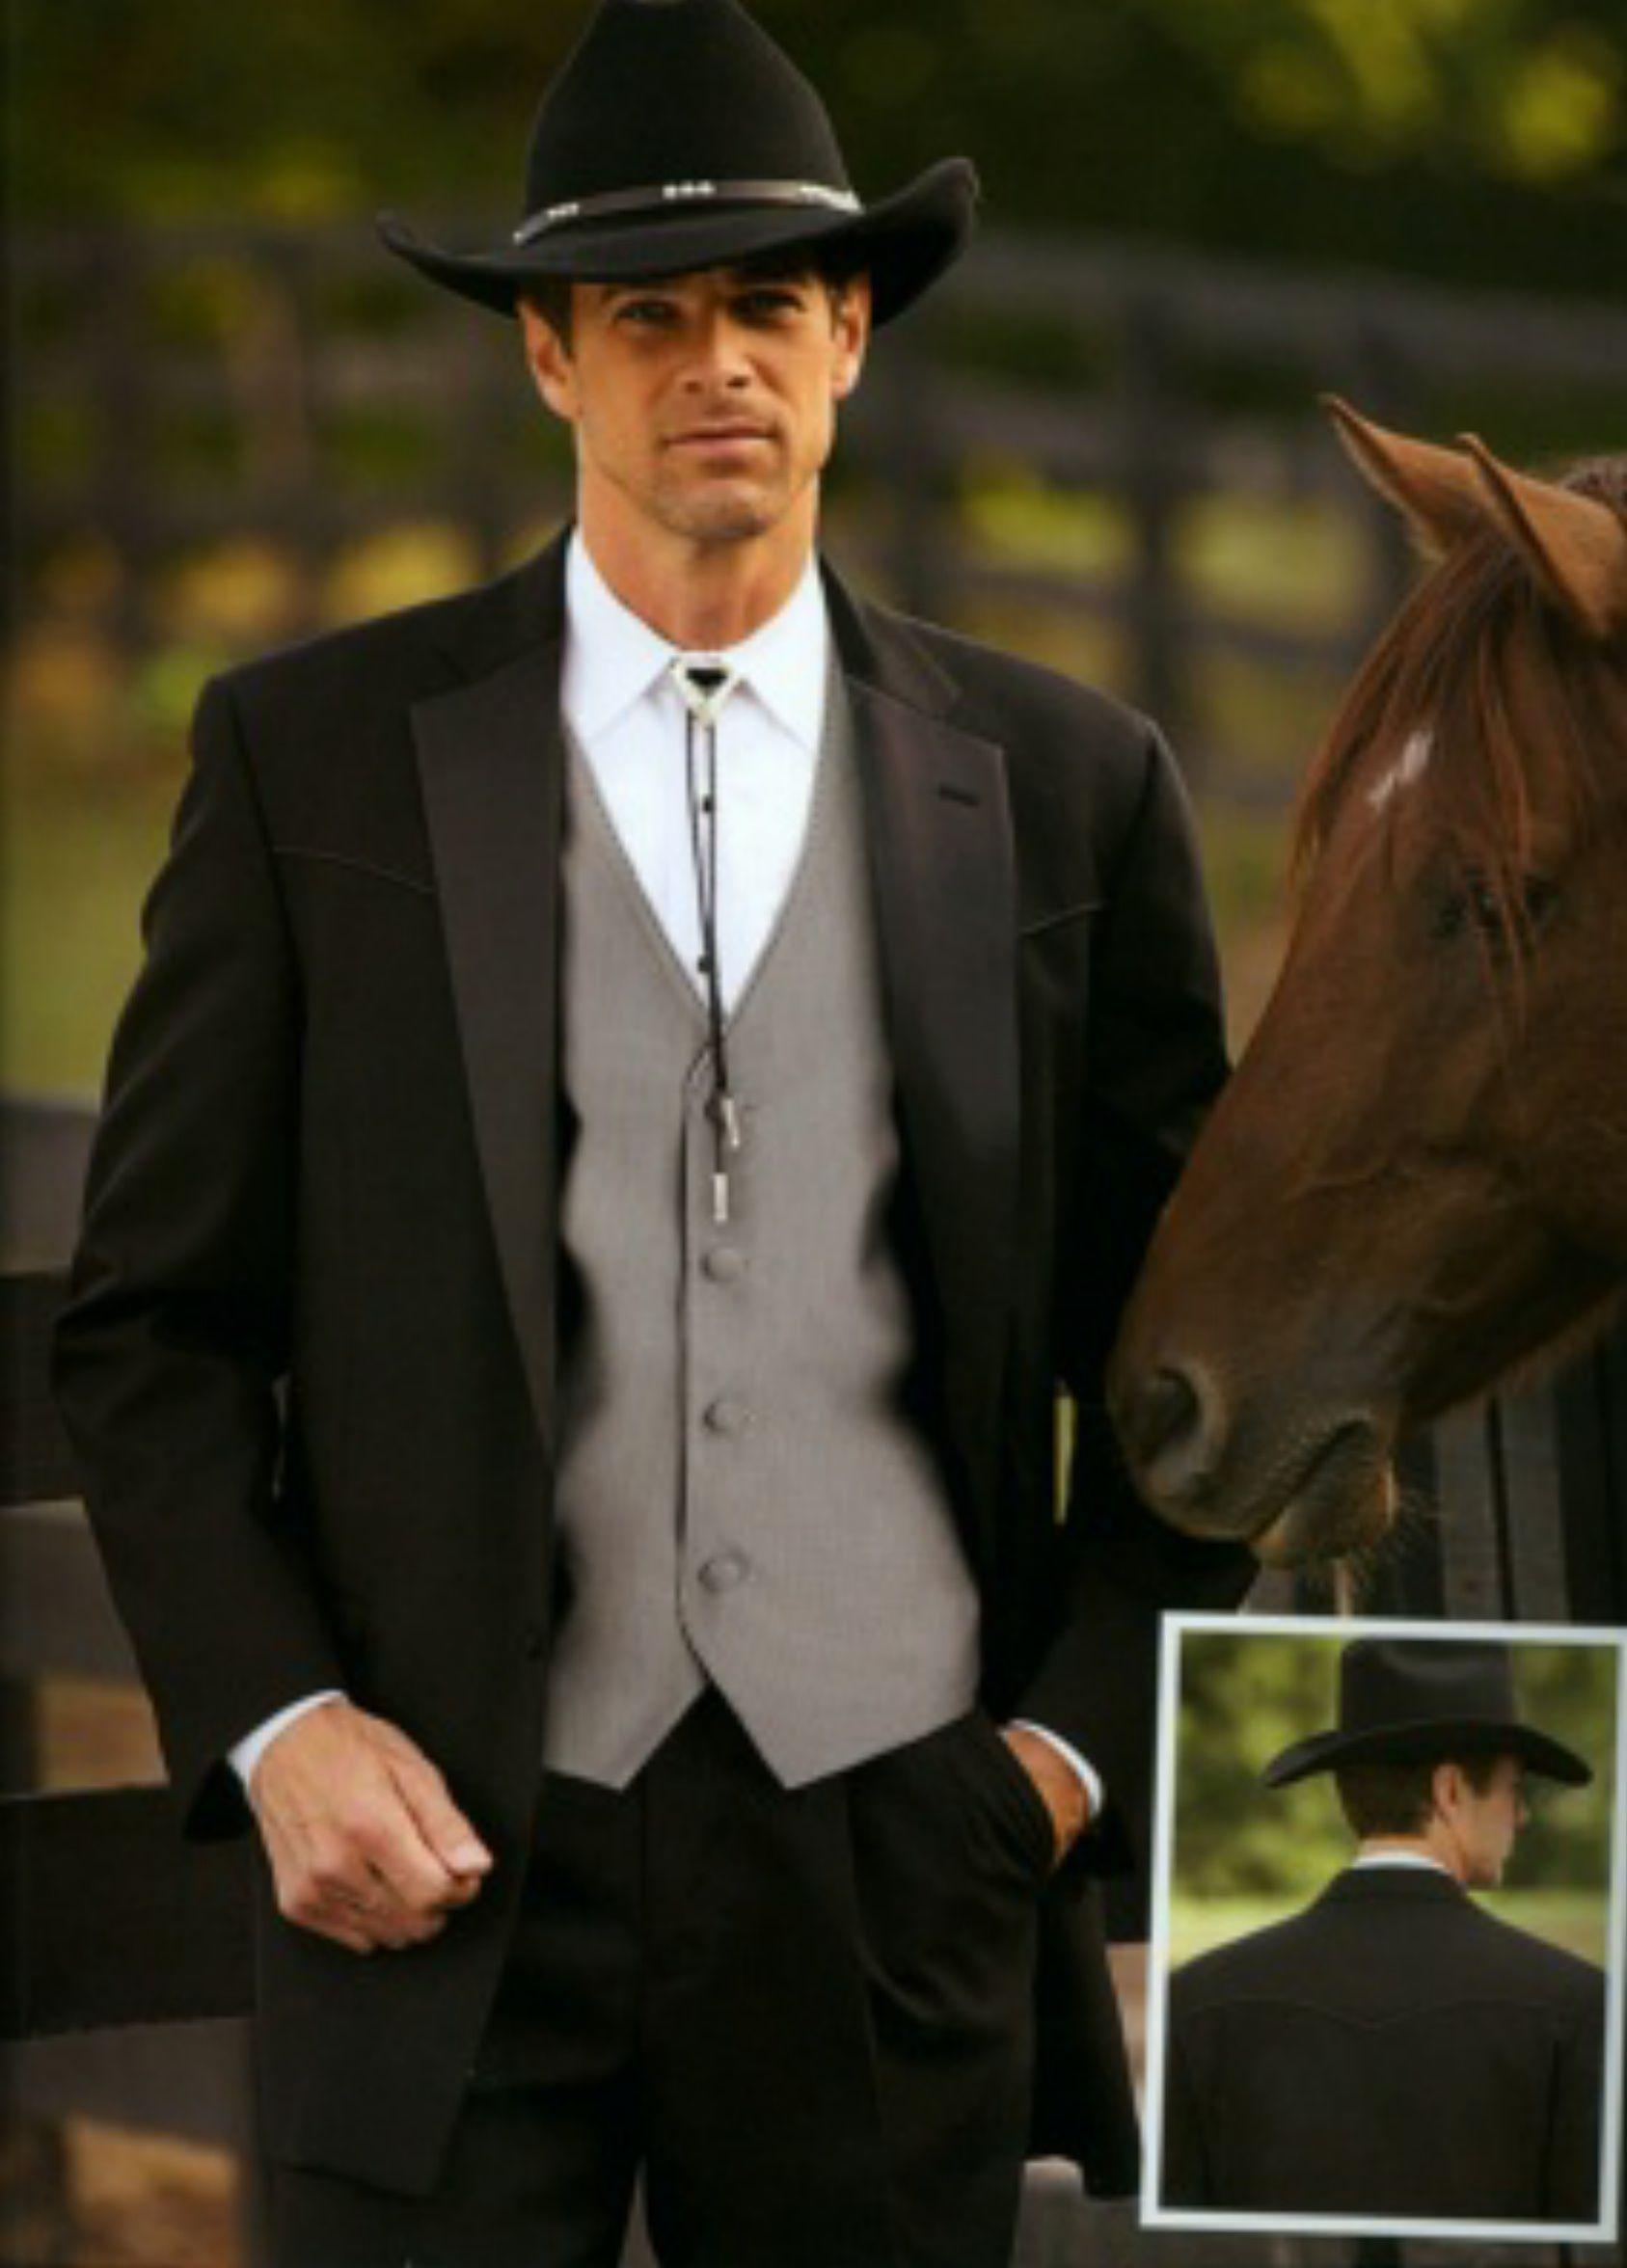 Purple camo wedding dresses  western wedding wear for men  Formal Wear for Men u Women  Wedding